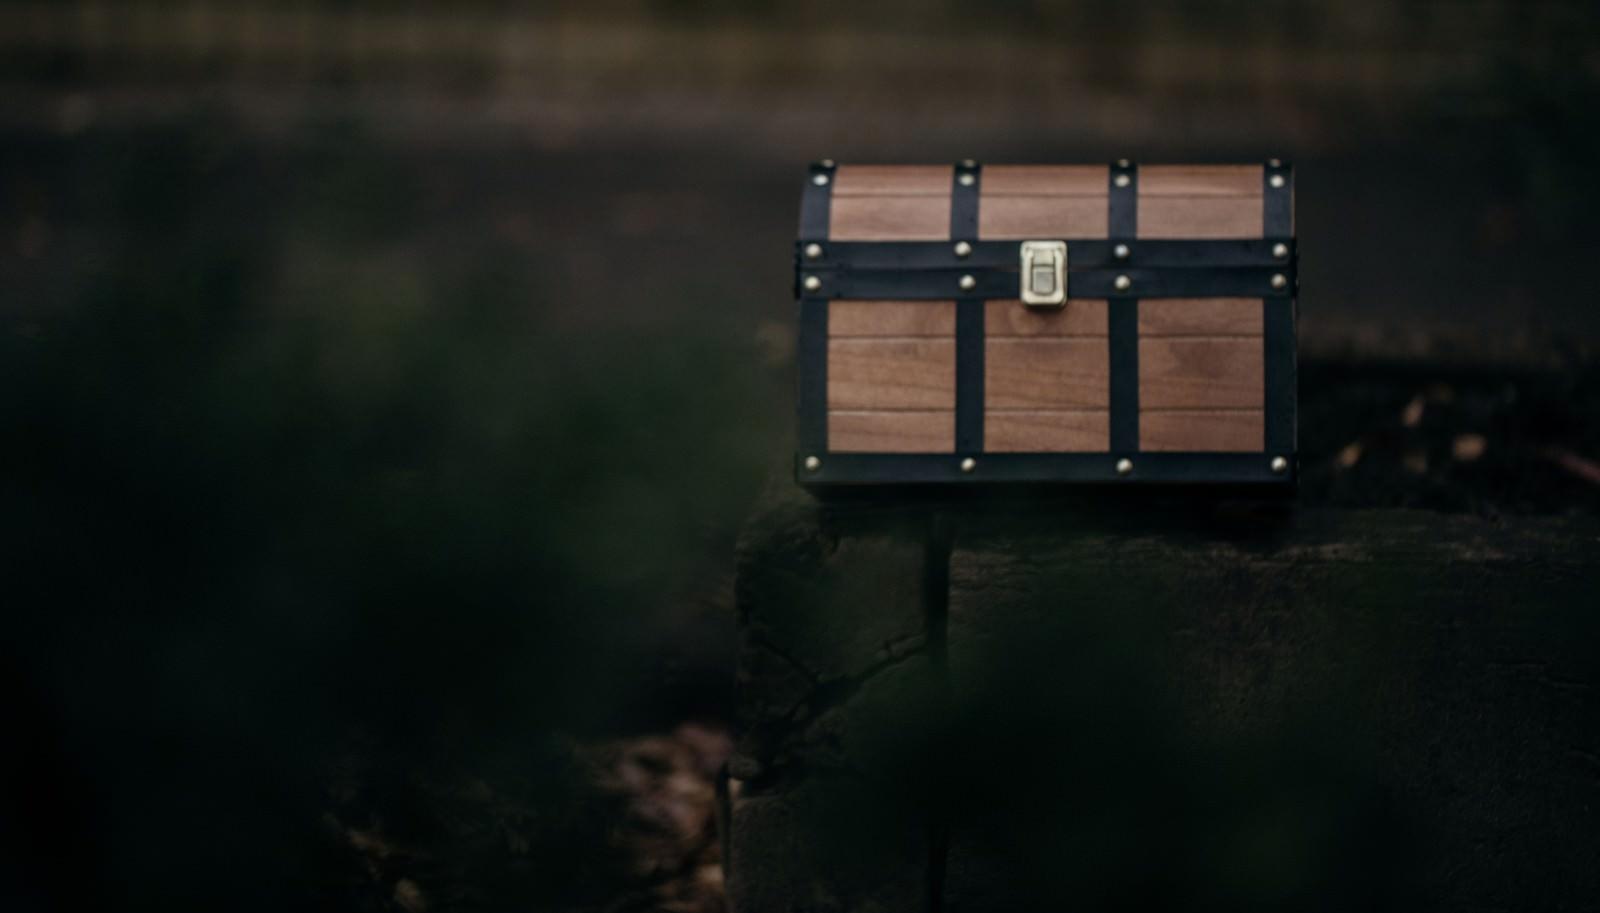 「路上に放置された宝箱」の写真